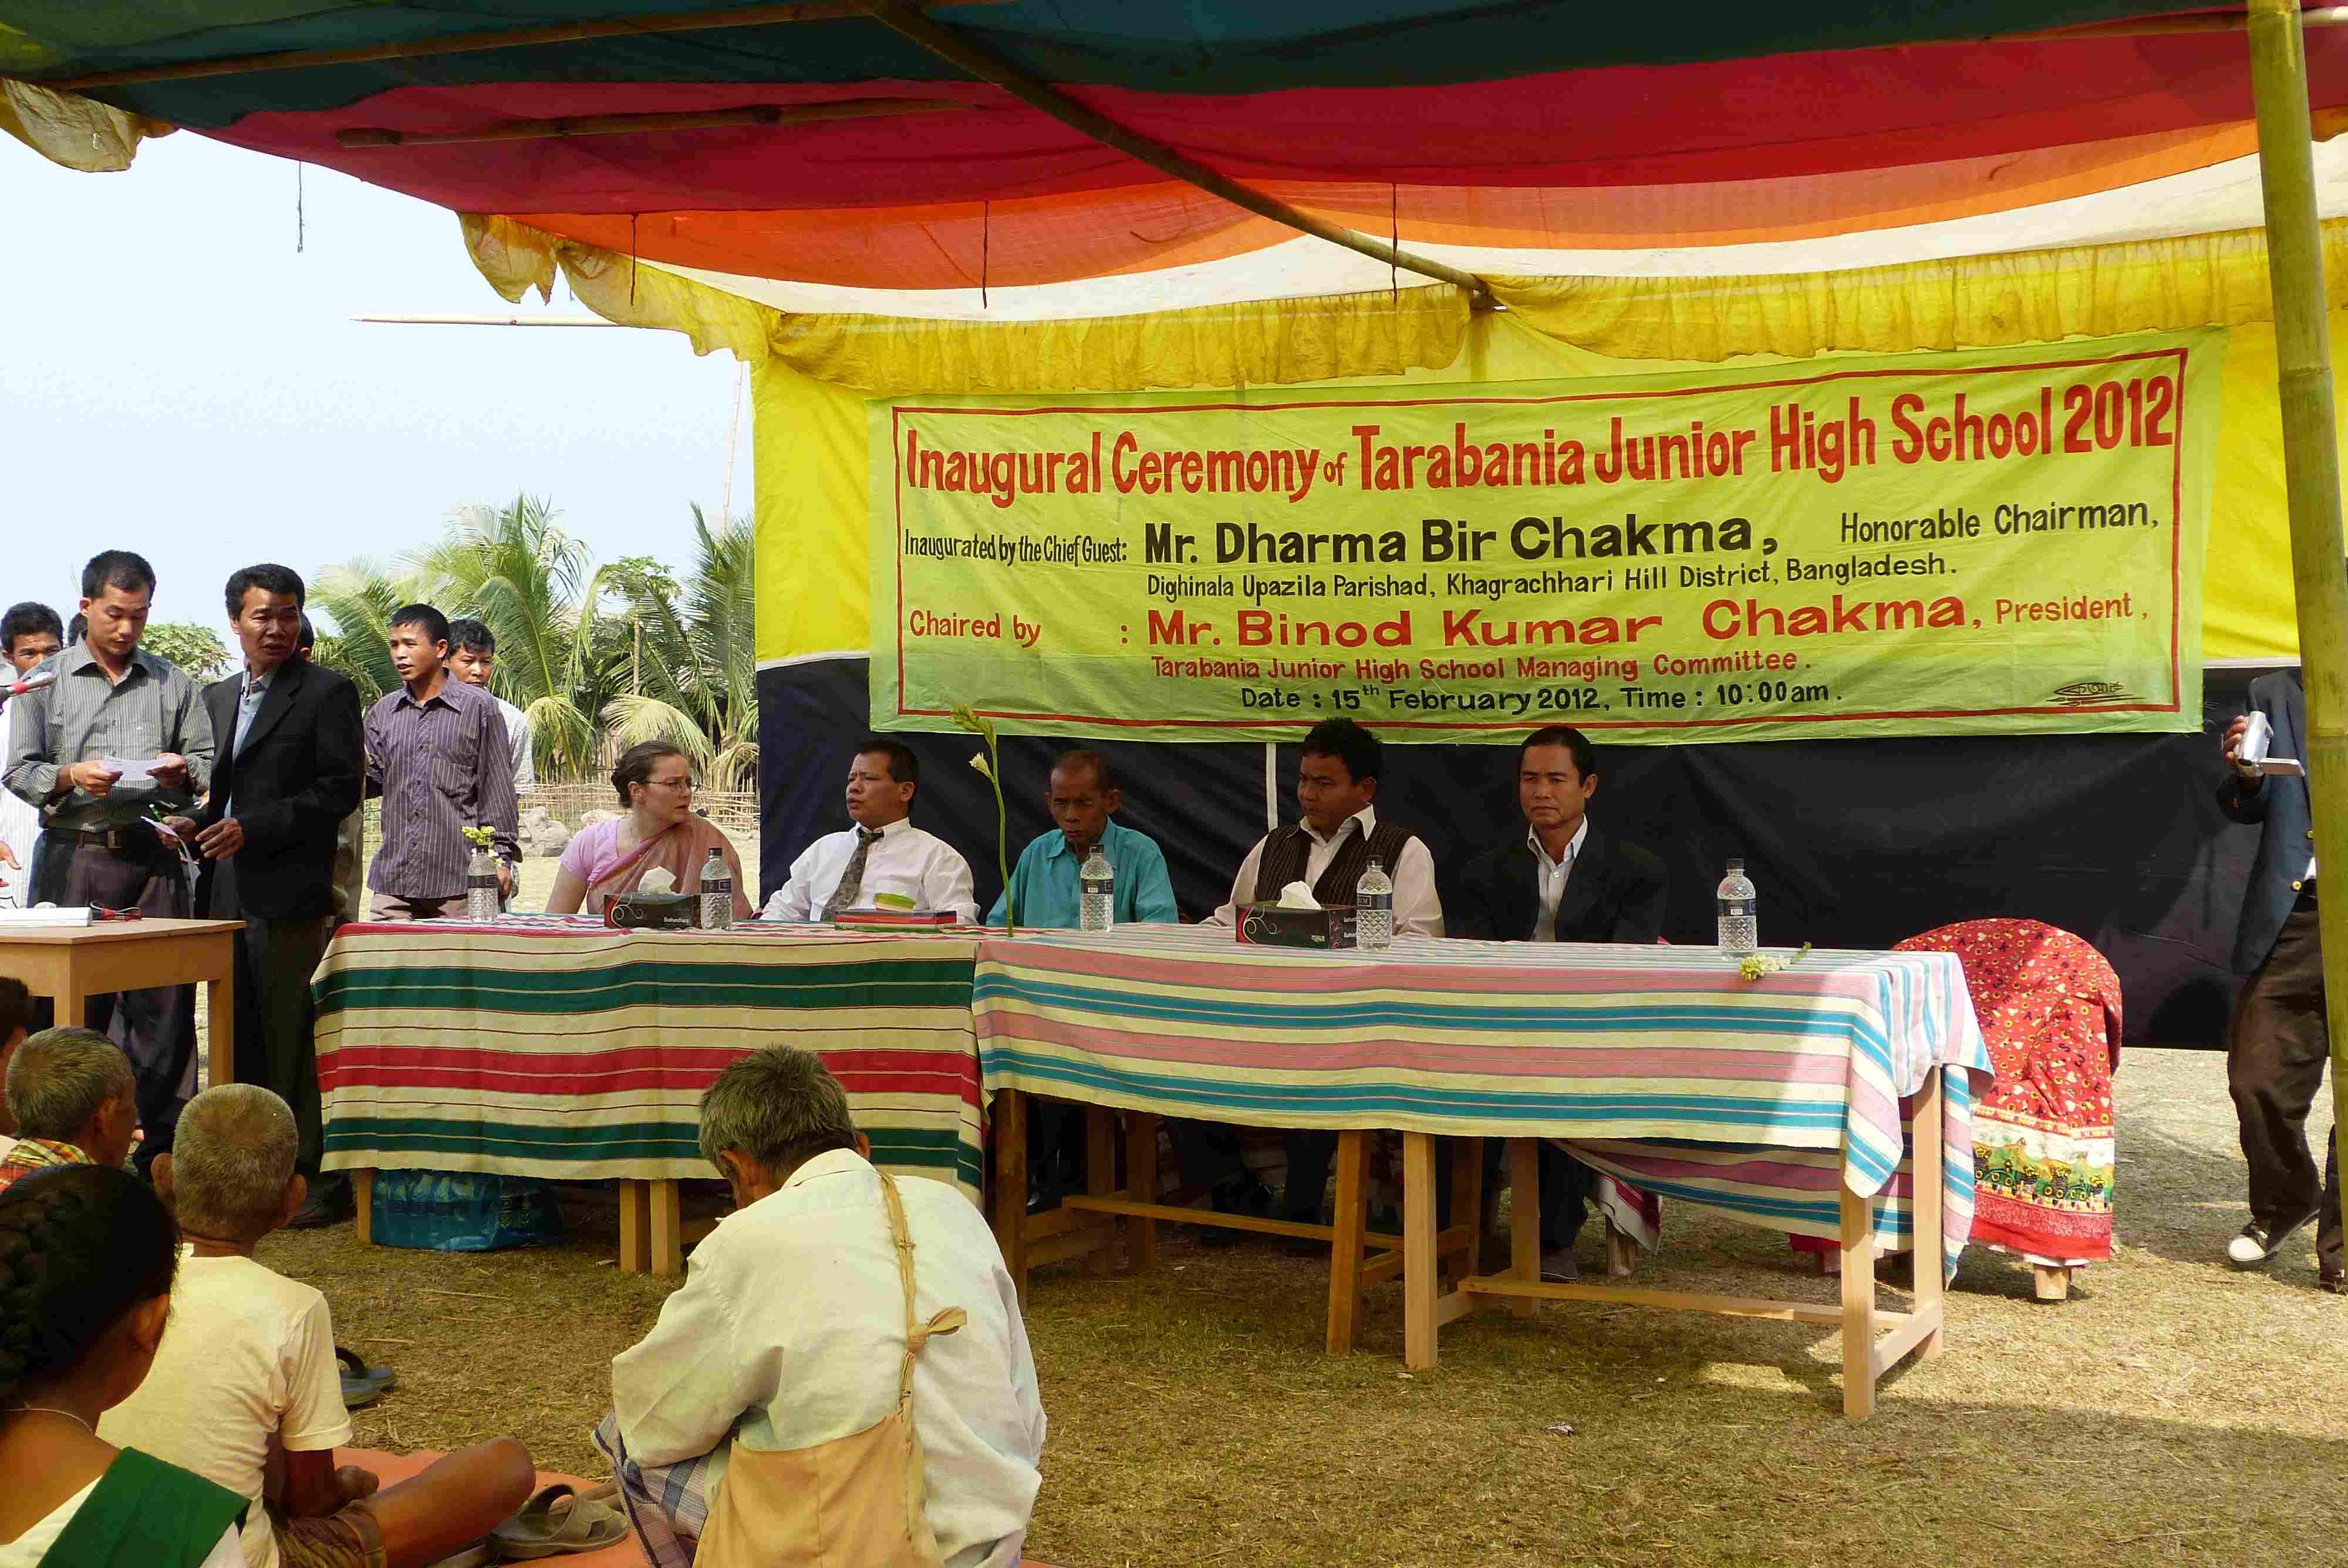 la fête inaugurale organisée par les habitants